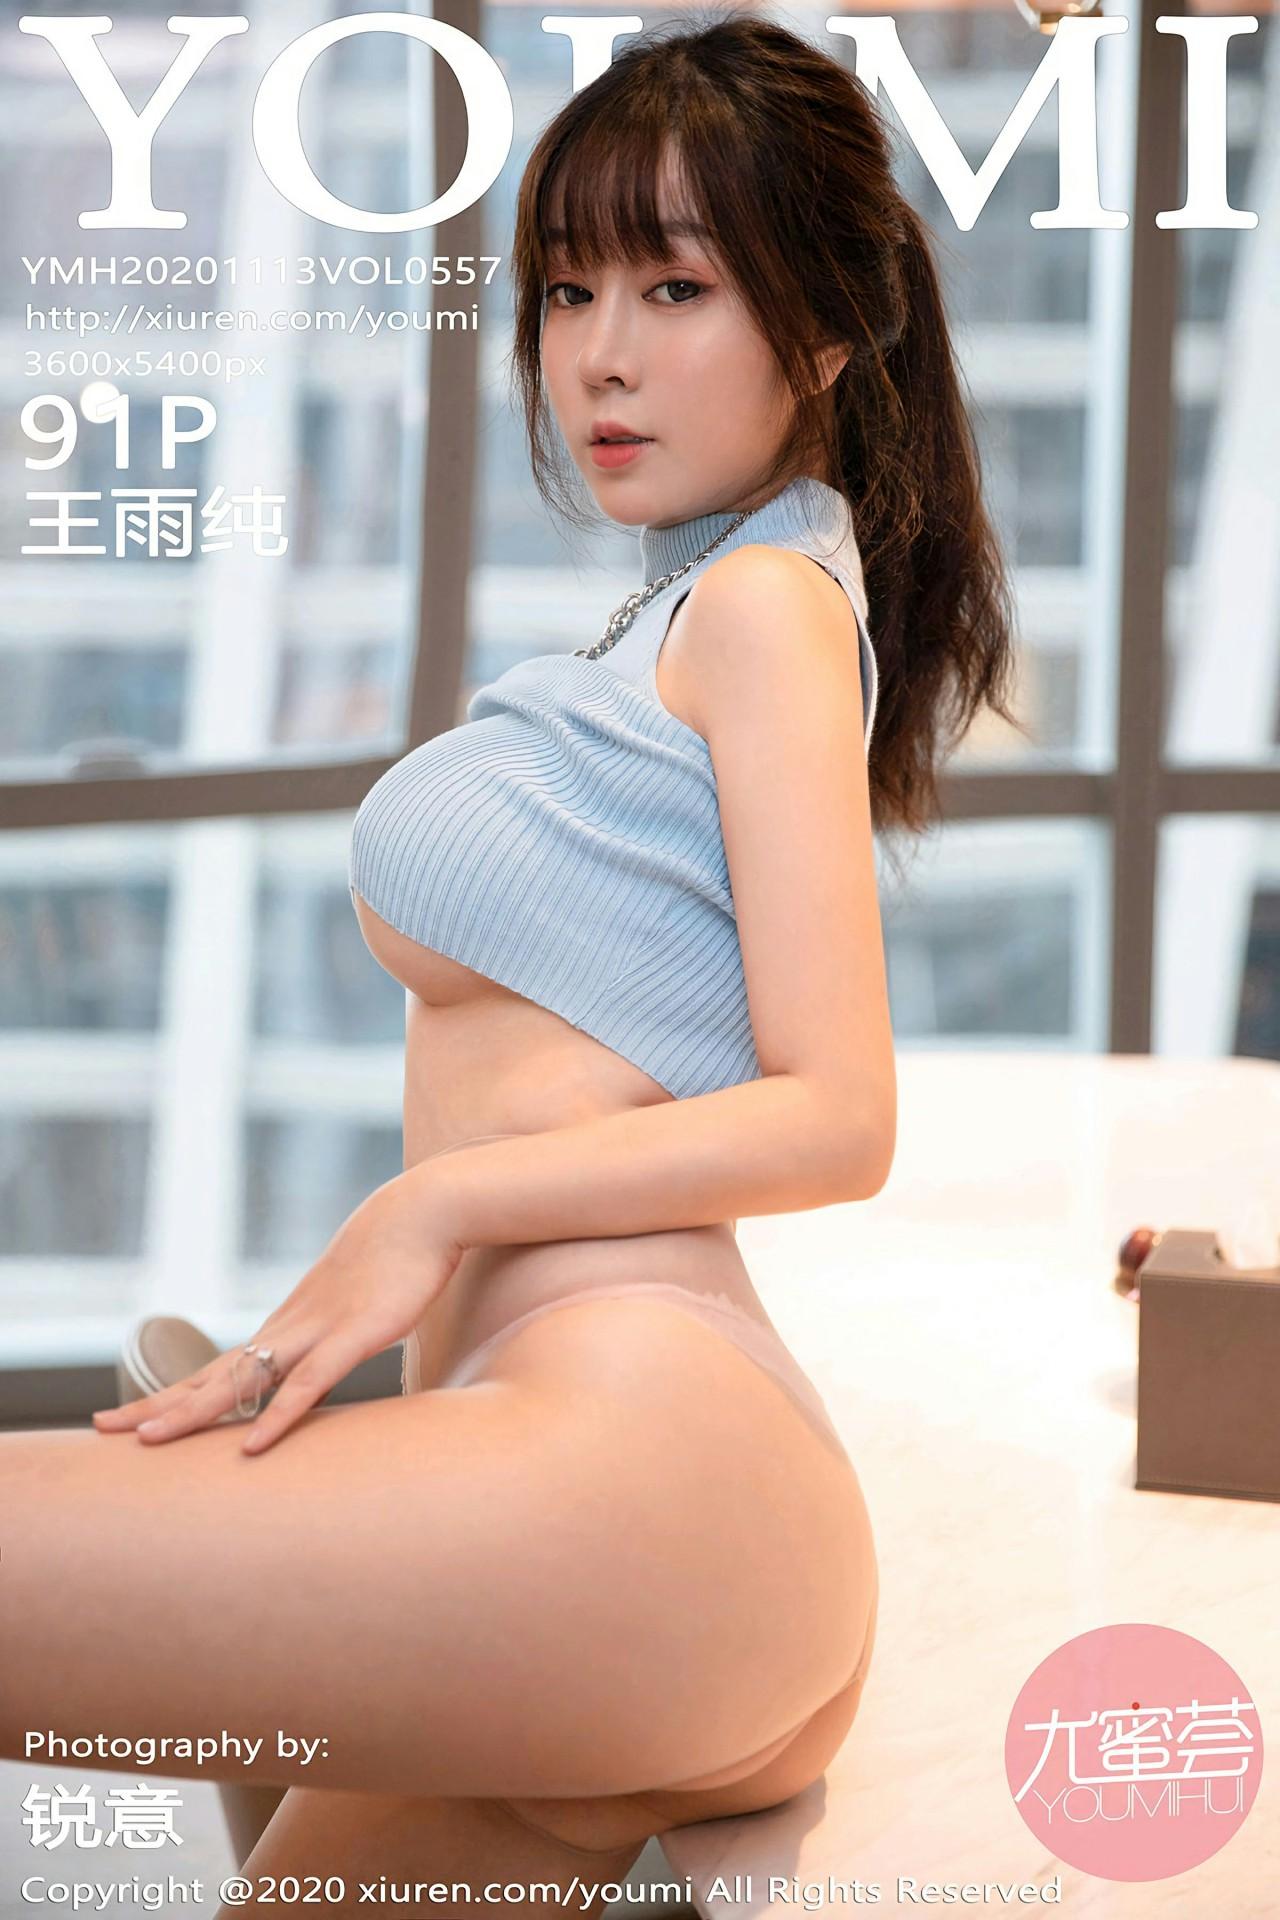 [YOUMI尤蜜荟] 2020.11.13 VOL.557 王雨纯 第1张